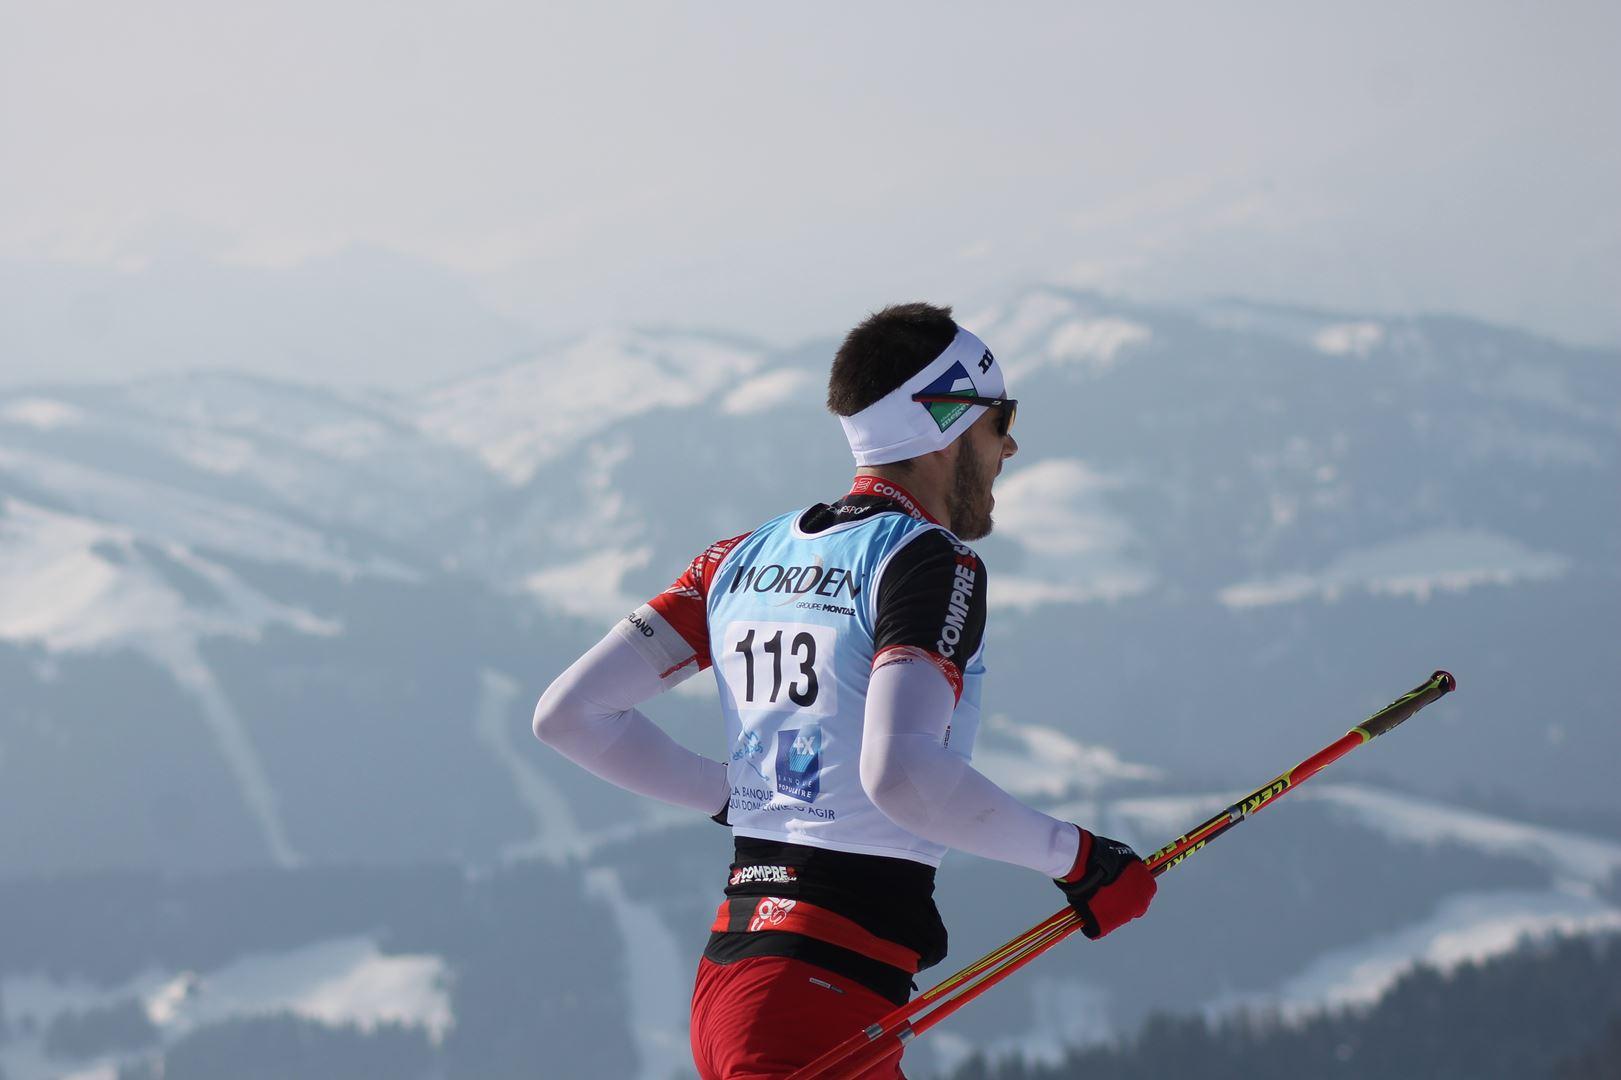 Jérémie Marin 3° Homme du 17km 1 - RESULTATS PHOTOS ET COMPTE RENDU DU 9EME ARAVIS SNOW TRAIL (La Giettaz73) 25-03-2018